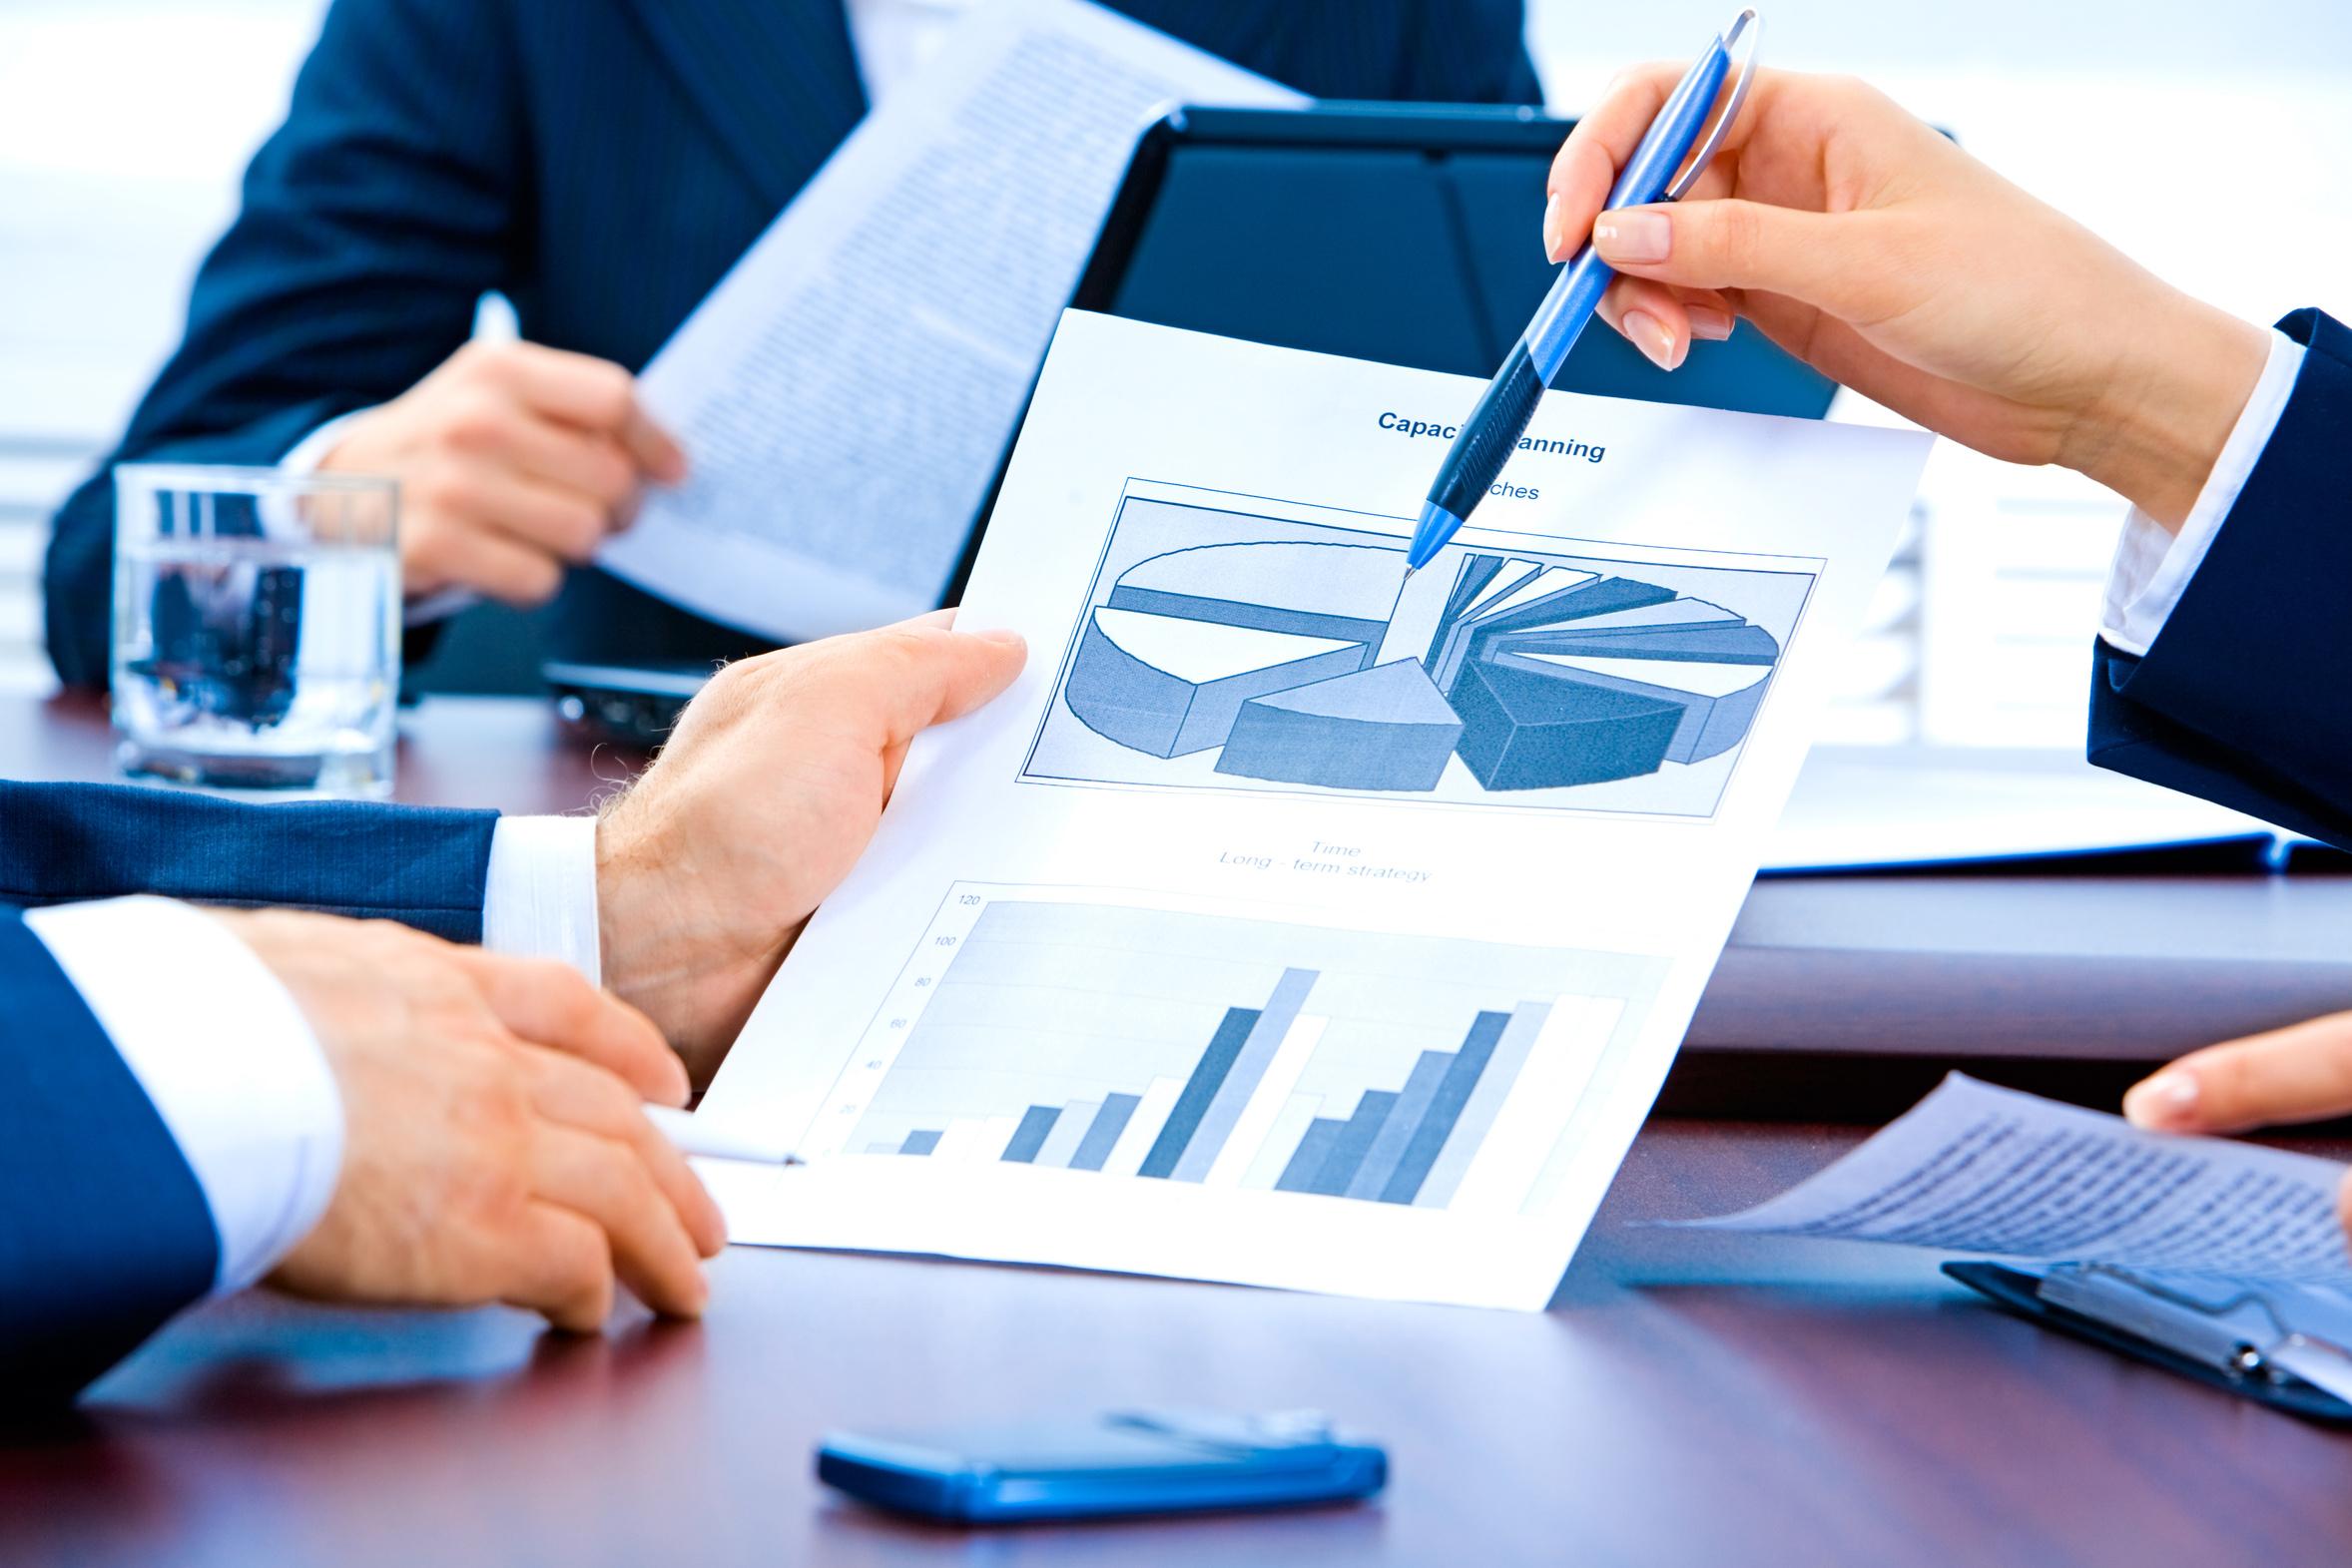 La auditoría interna basada en los reportes de evaluación de riesgos